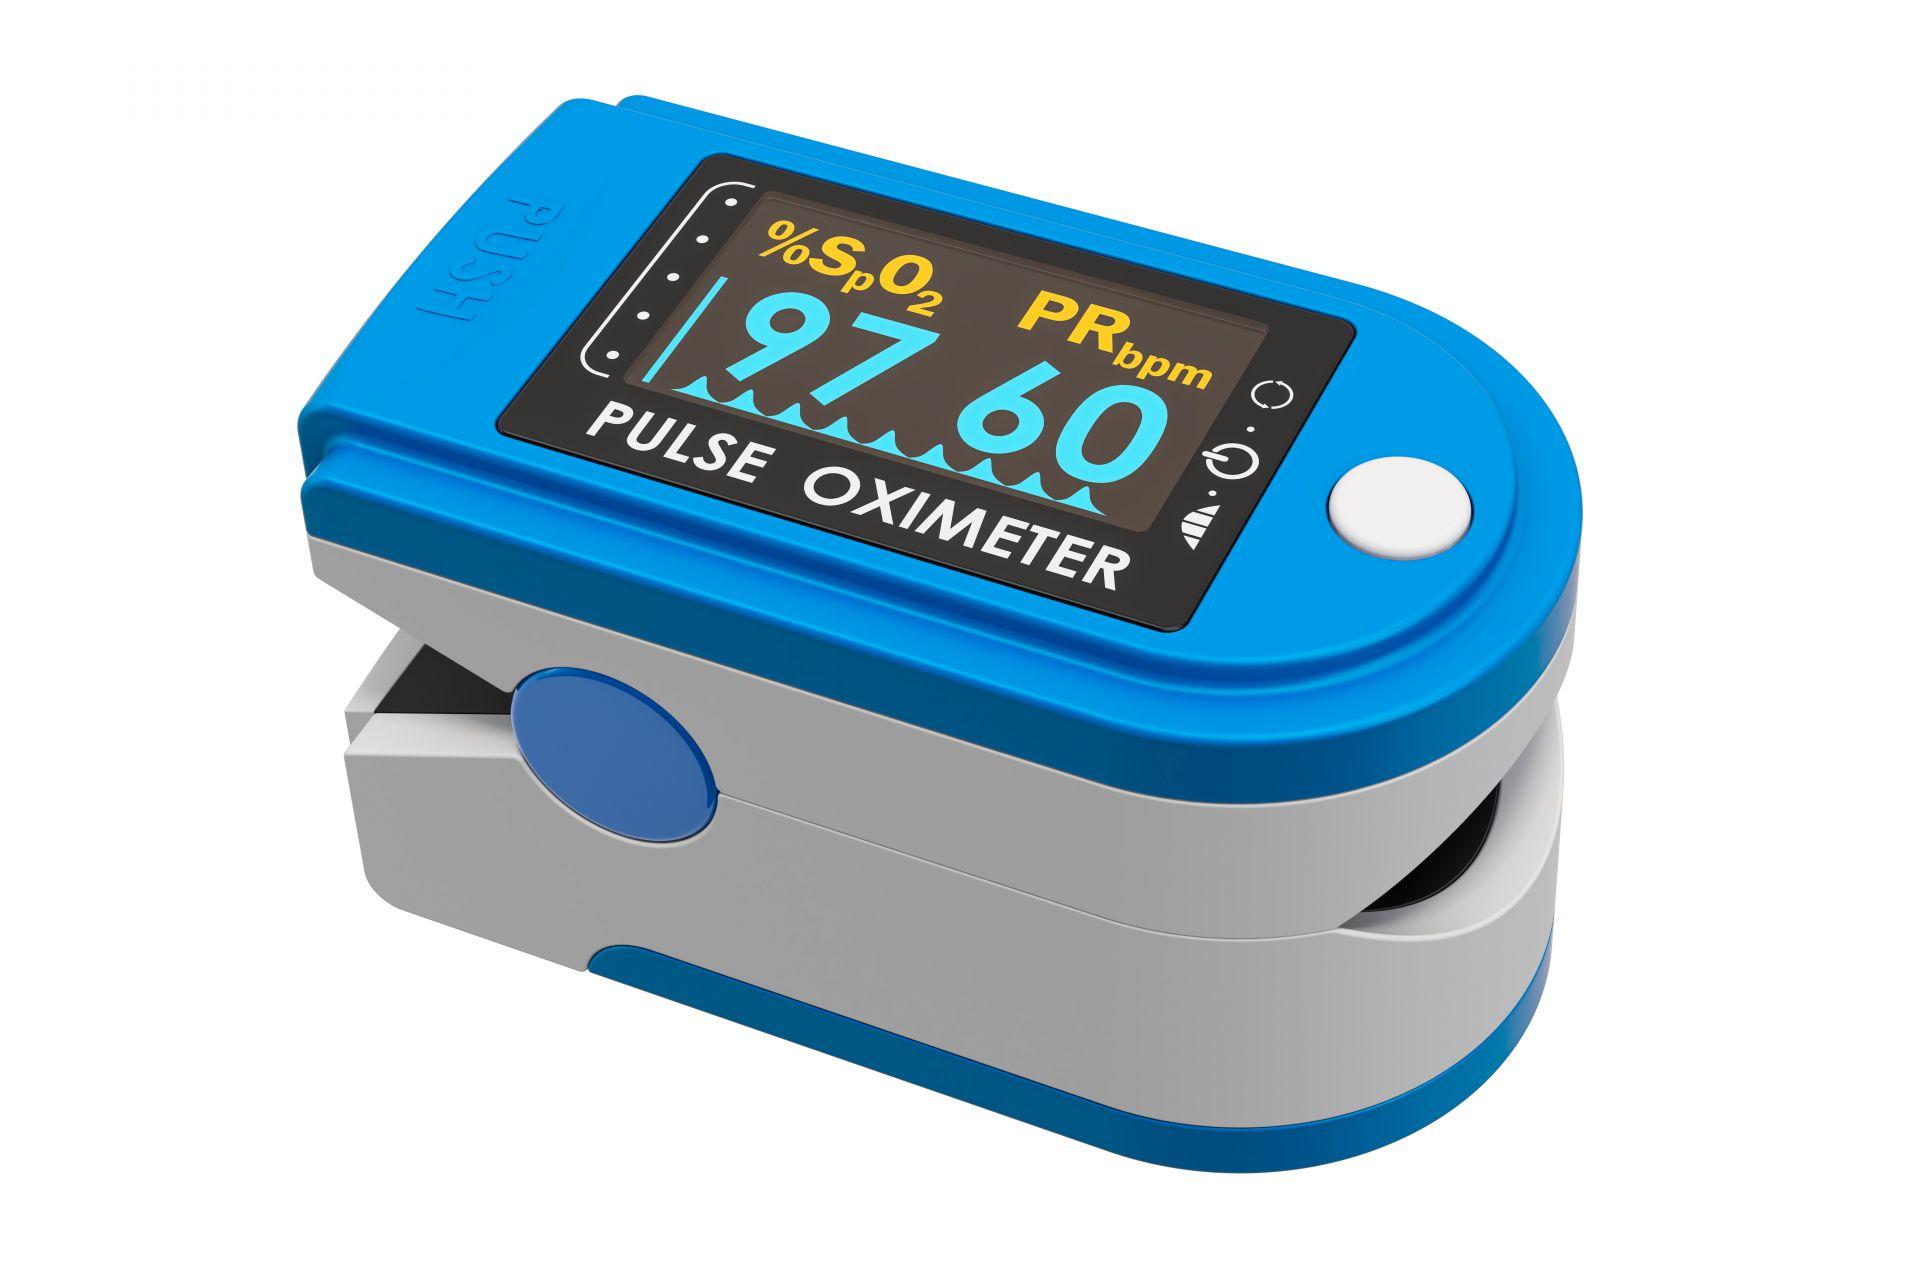 Mengenal Pulse Oximeter, Perangkat medis yang Sudah Menyelamatkan Jutaan Nyawa